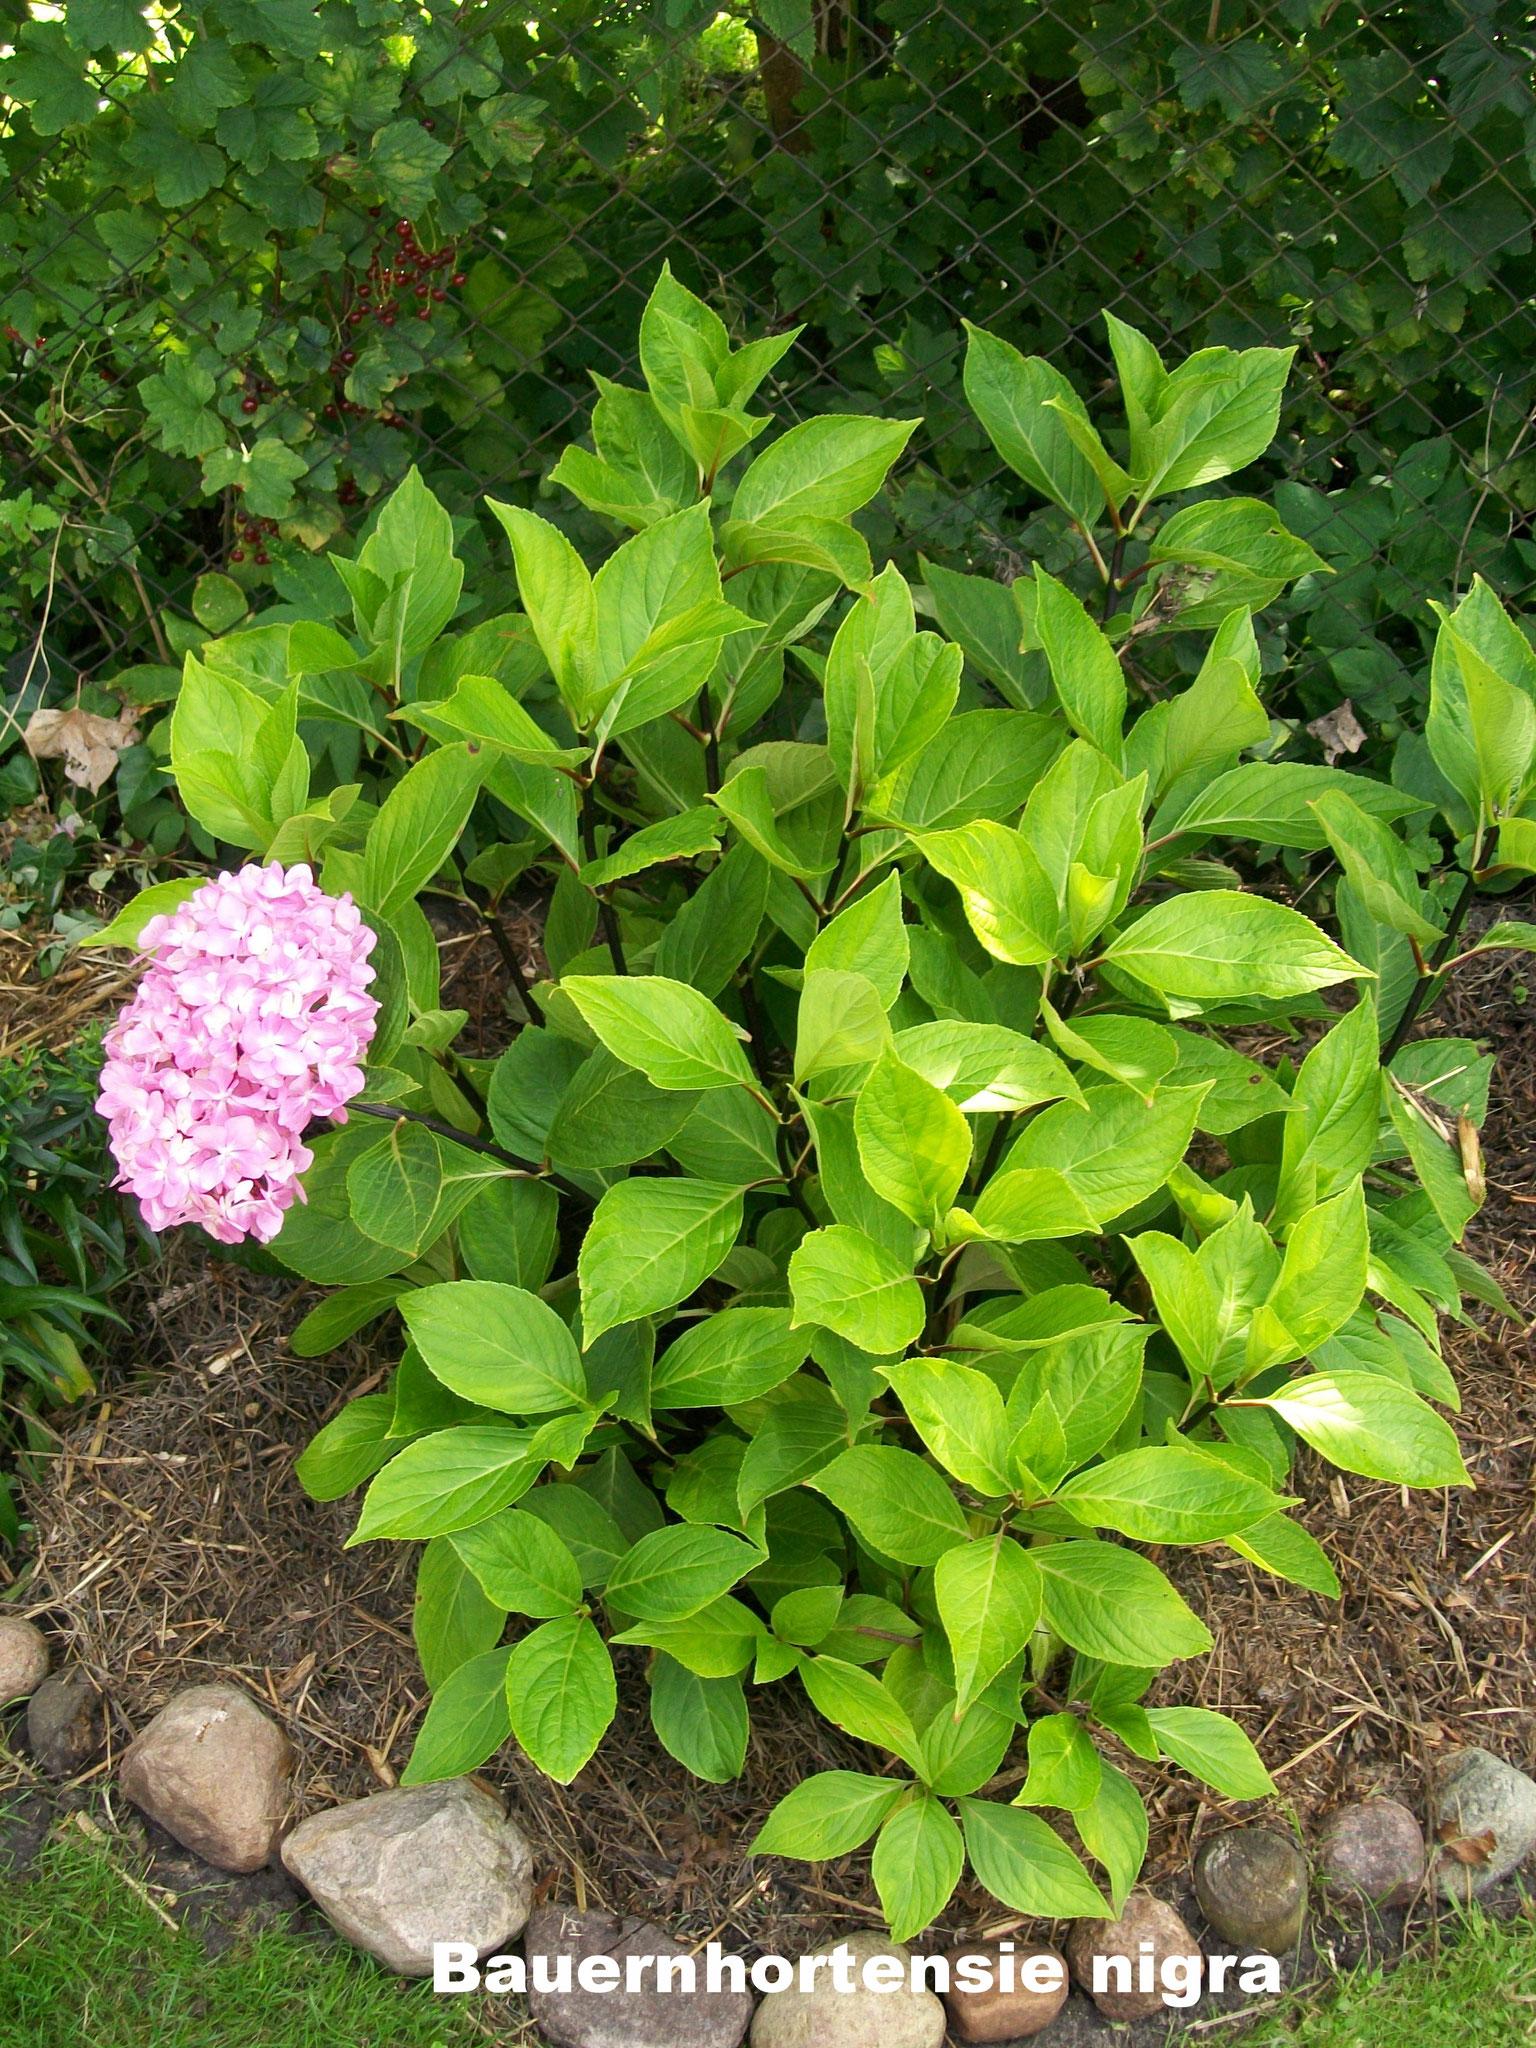 Bauernhortensie nigra rosa schwarze Stengel